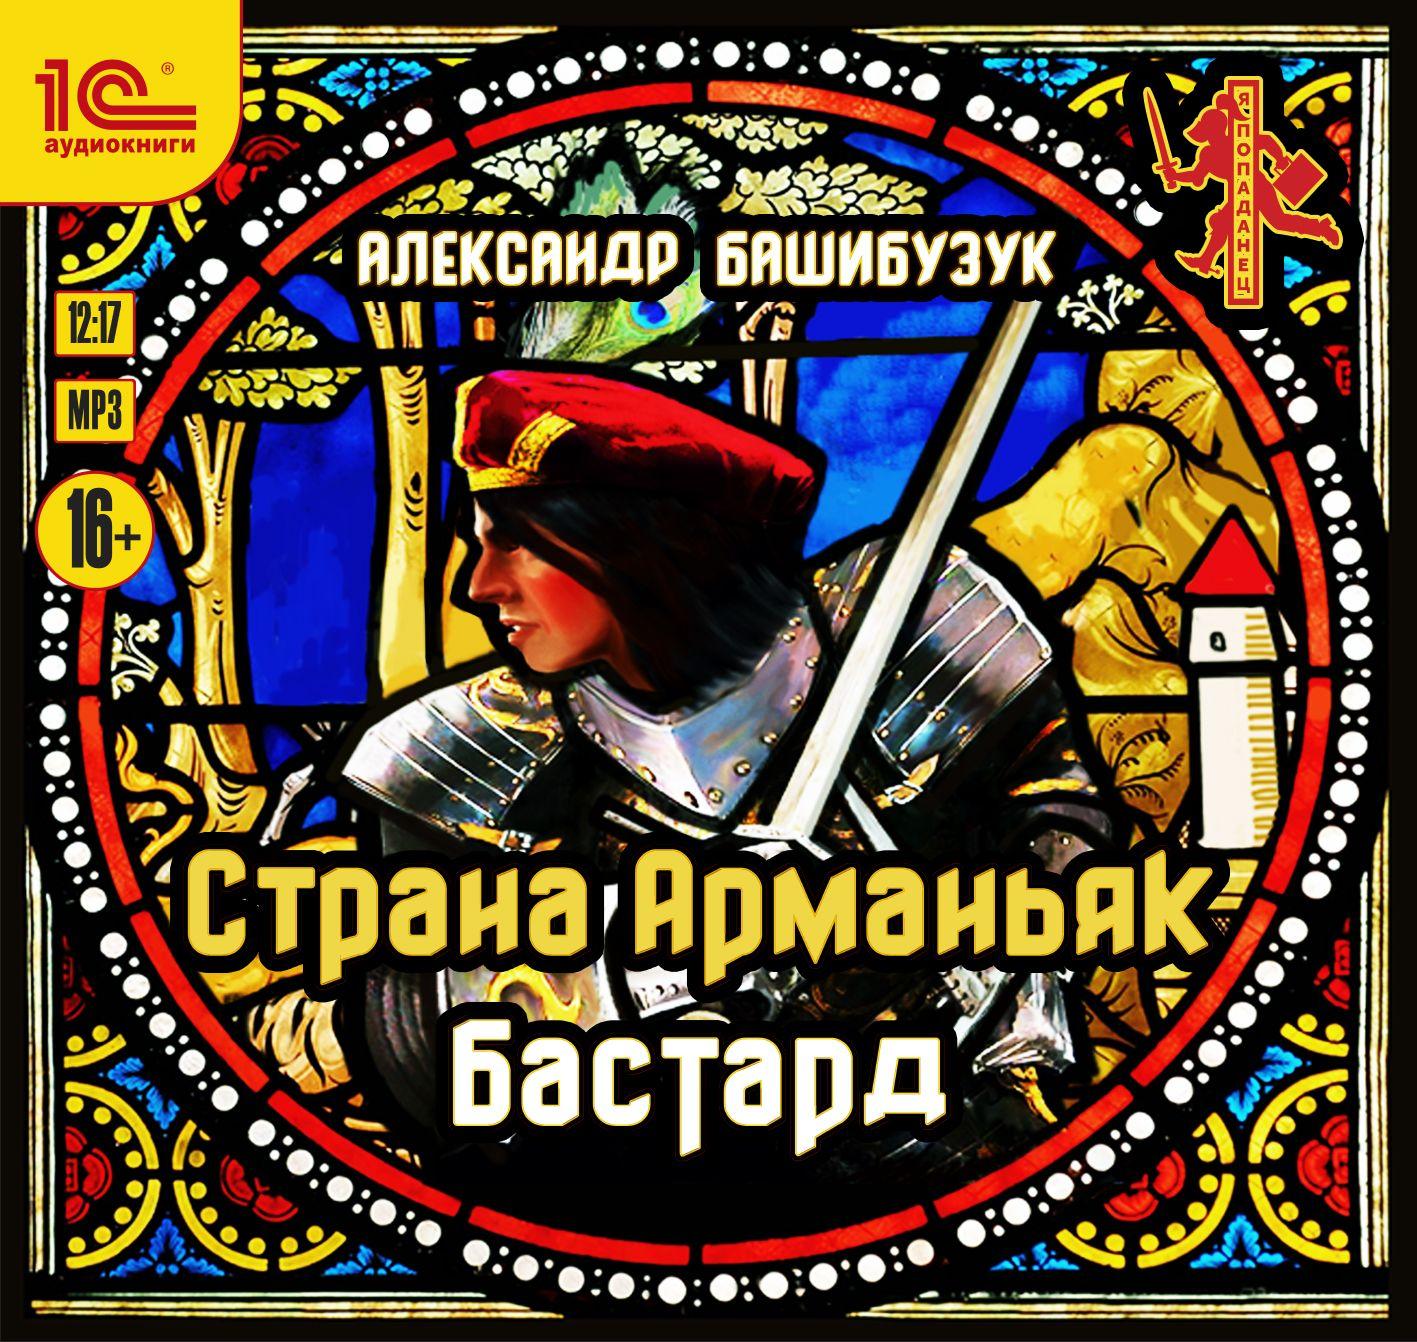 Александр Башибузук Страна Арманьяк. Бастард башибузук александр эмигрант его высокоблагородие